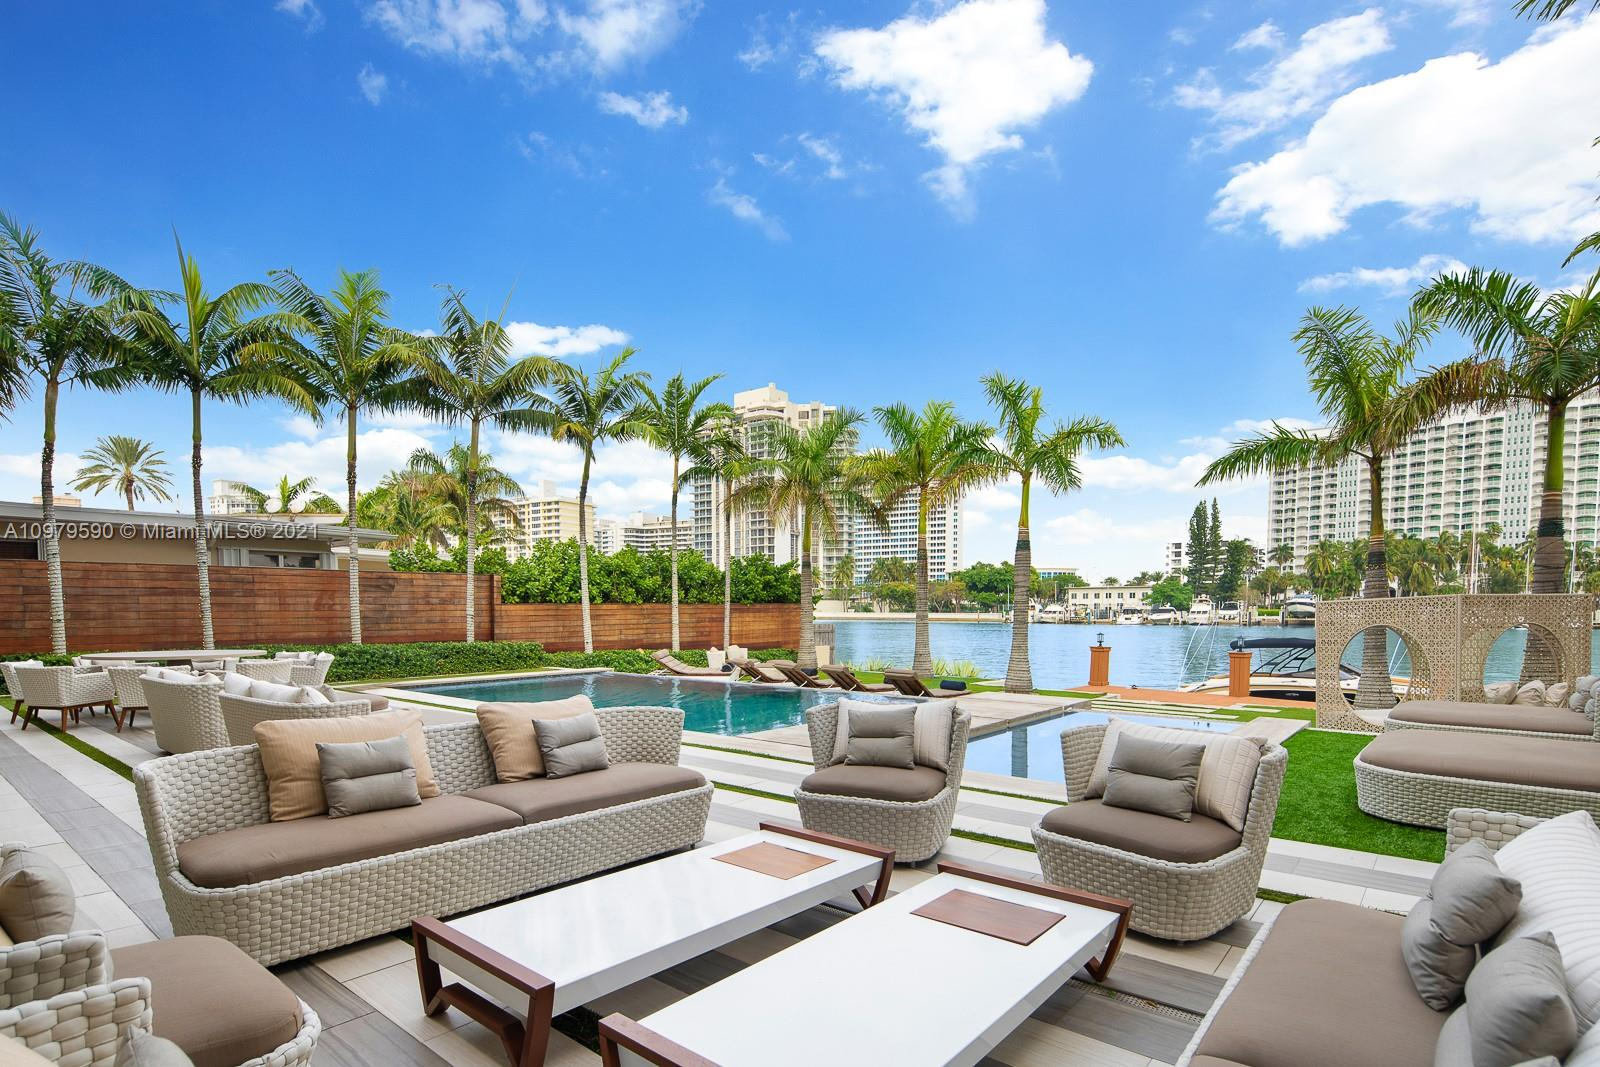 Beach View - 5501 Pine Tree Dr, Miami Beach, FL 33140